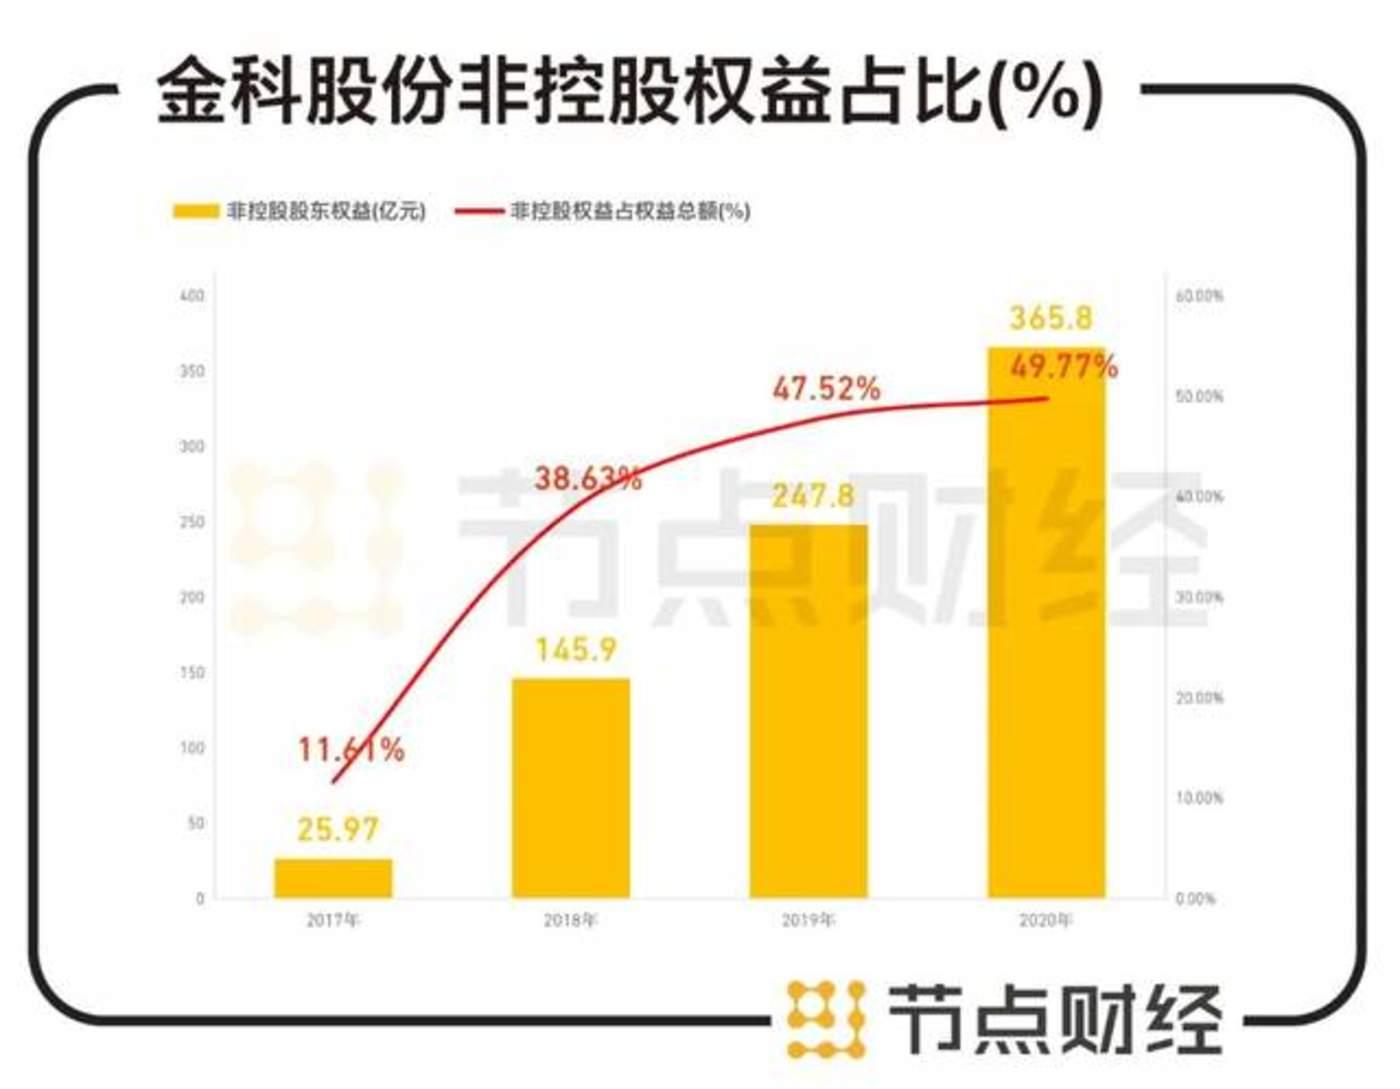 数据来源:金科股份财报、东方财富choice